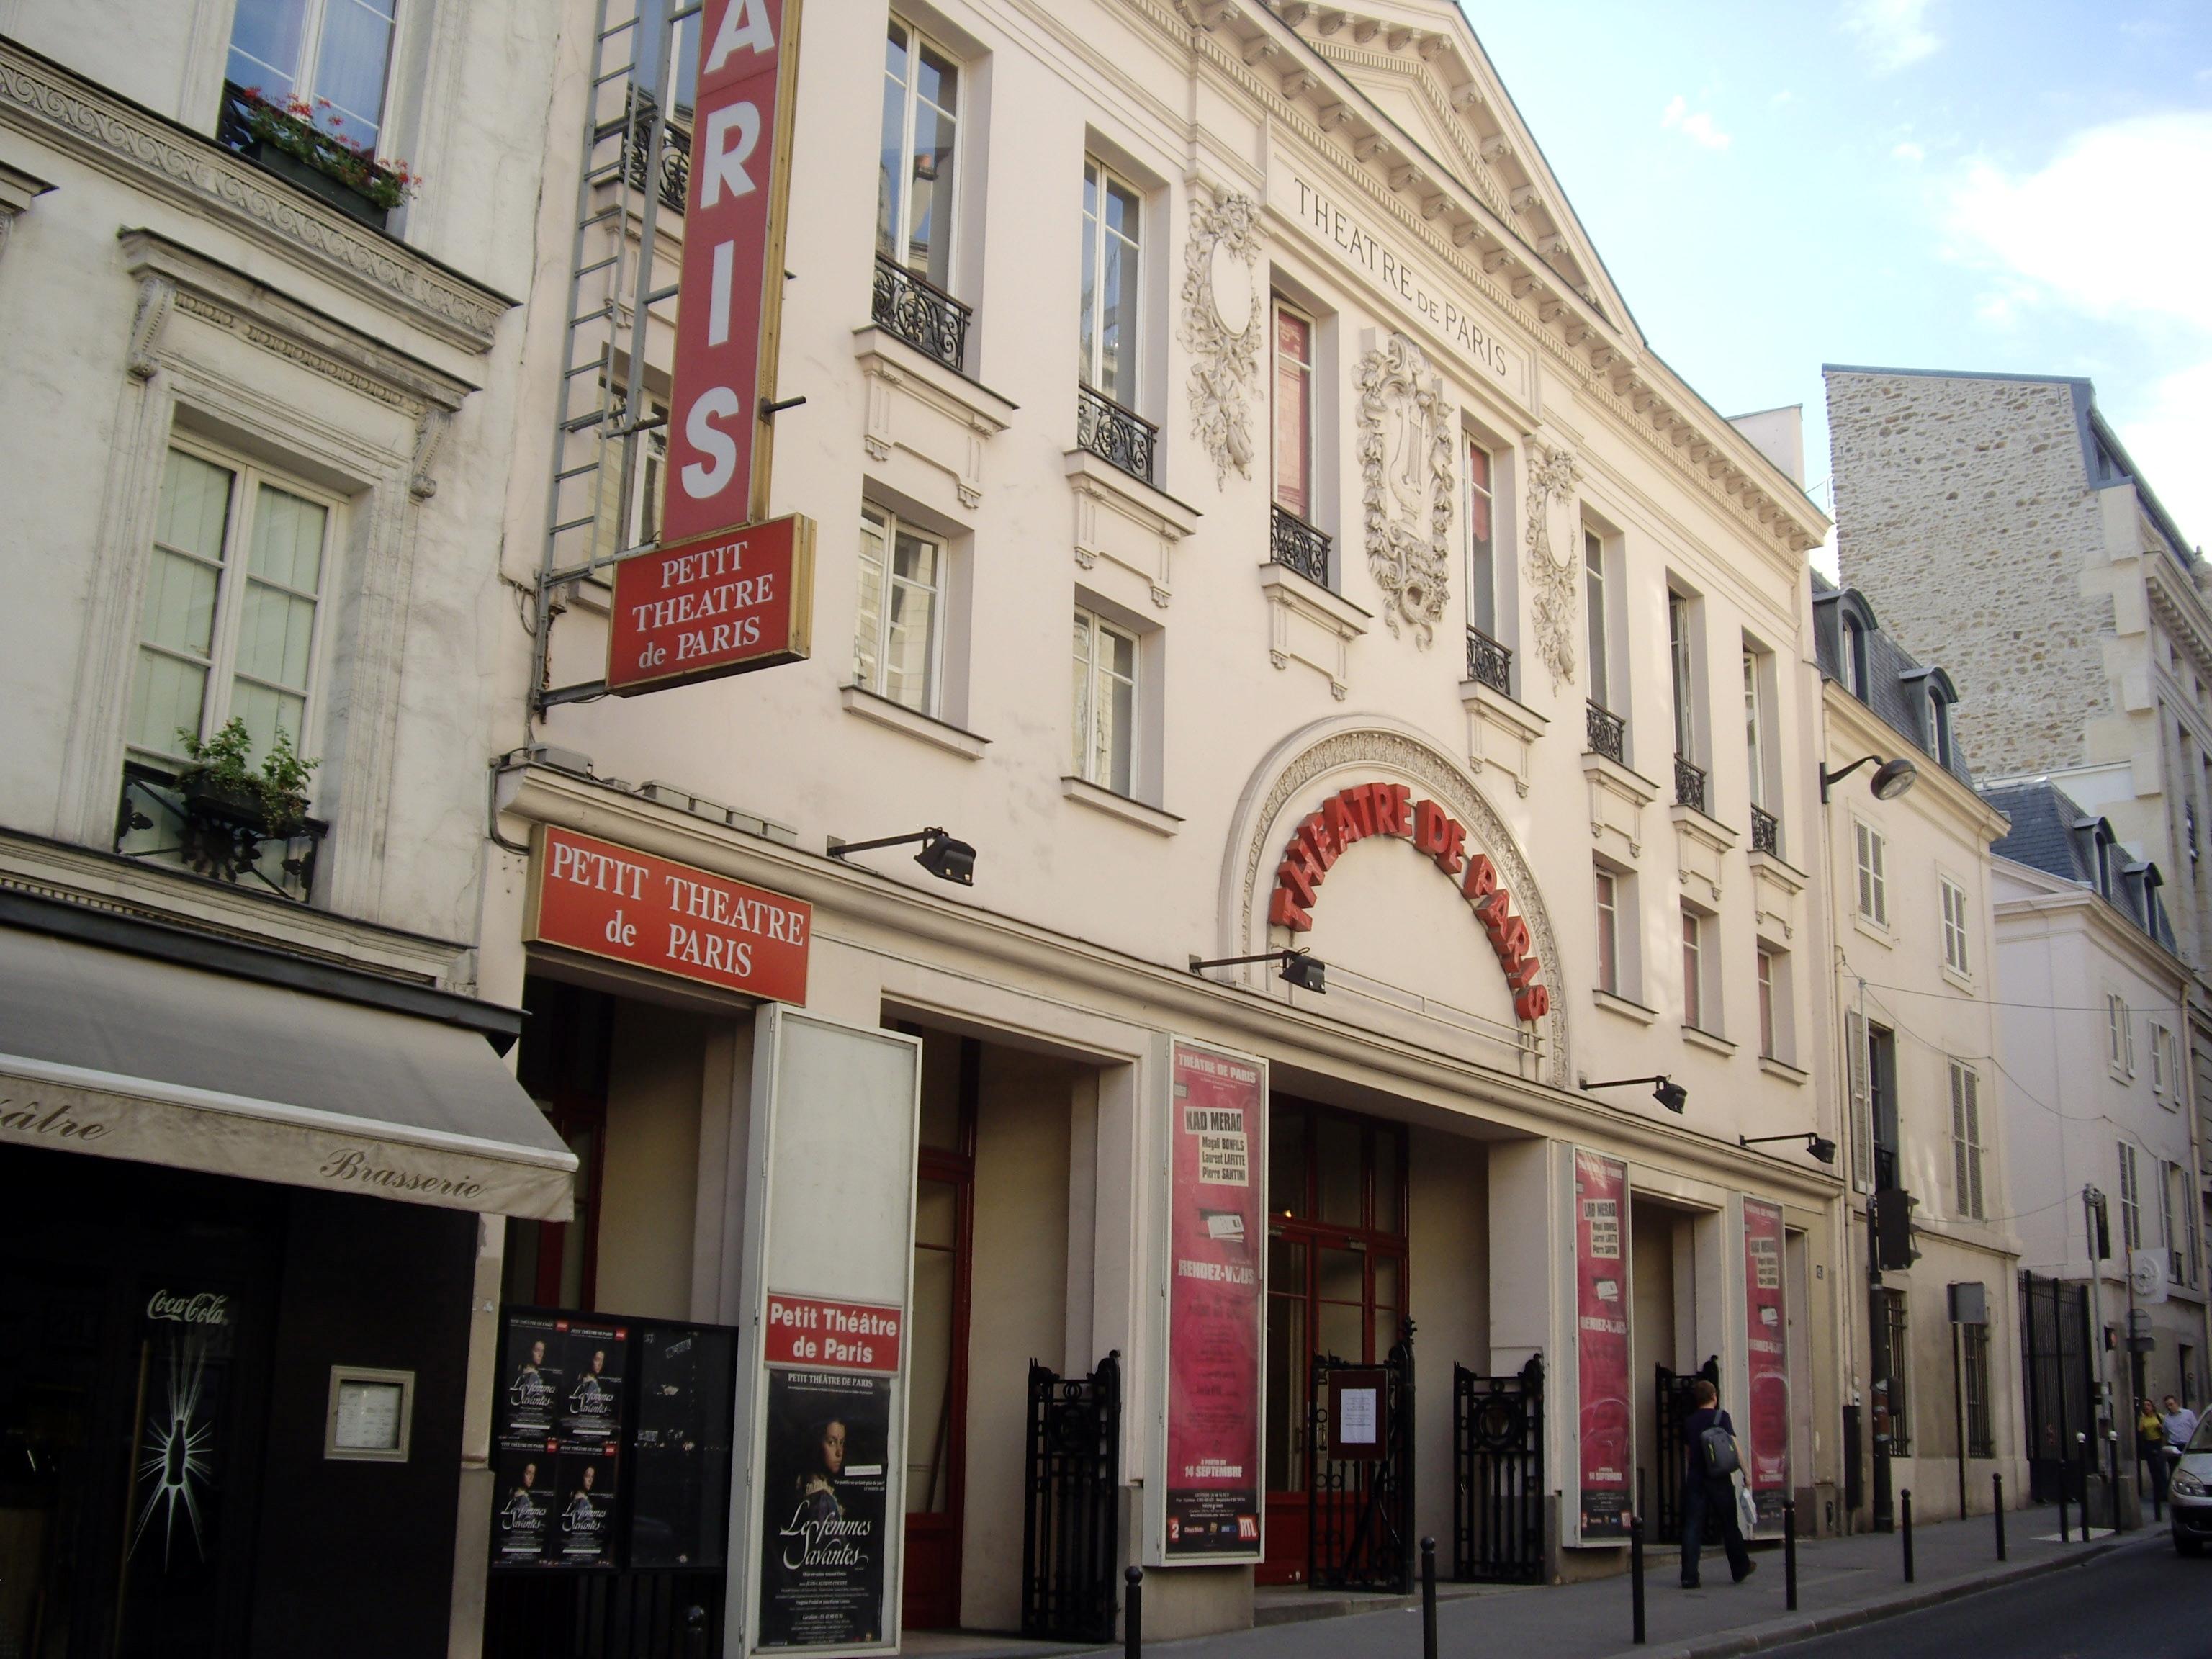 Théâtre de Paris, 15 rue Blanche, Paris 9.jpg - 123 Serrurier Paris 9